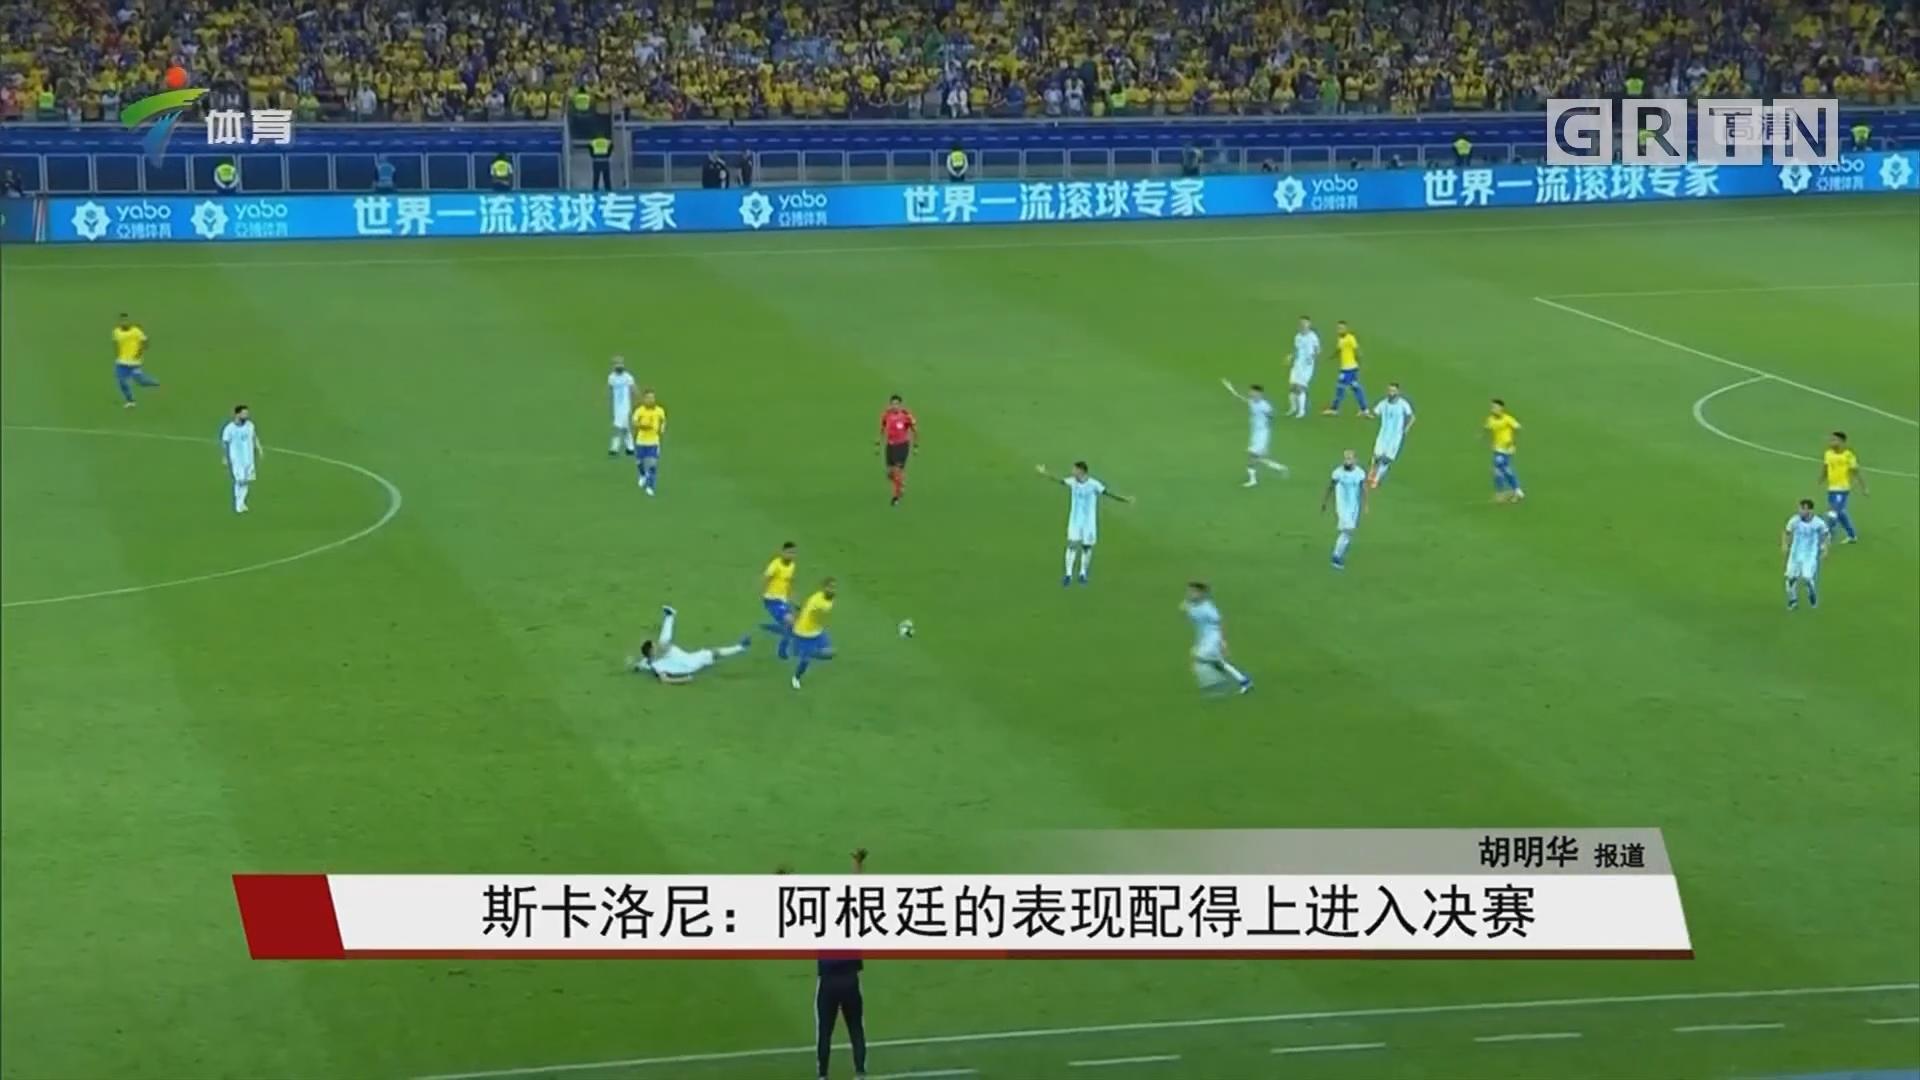 斯卡洛尼:阿根廷的表现配得上进入决赛